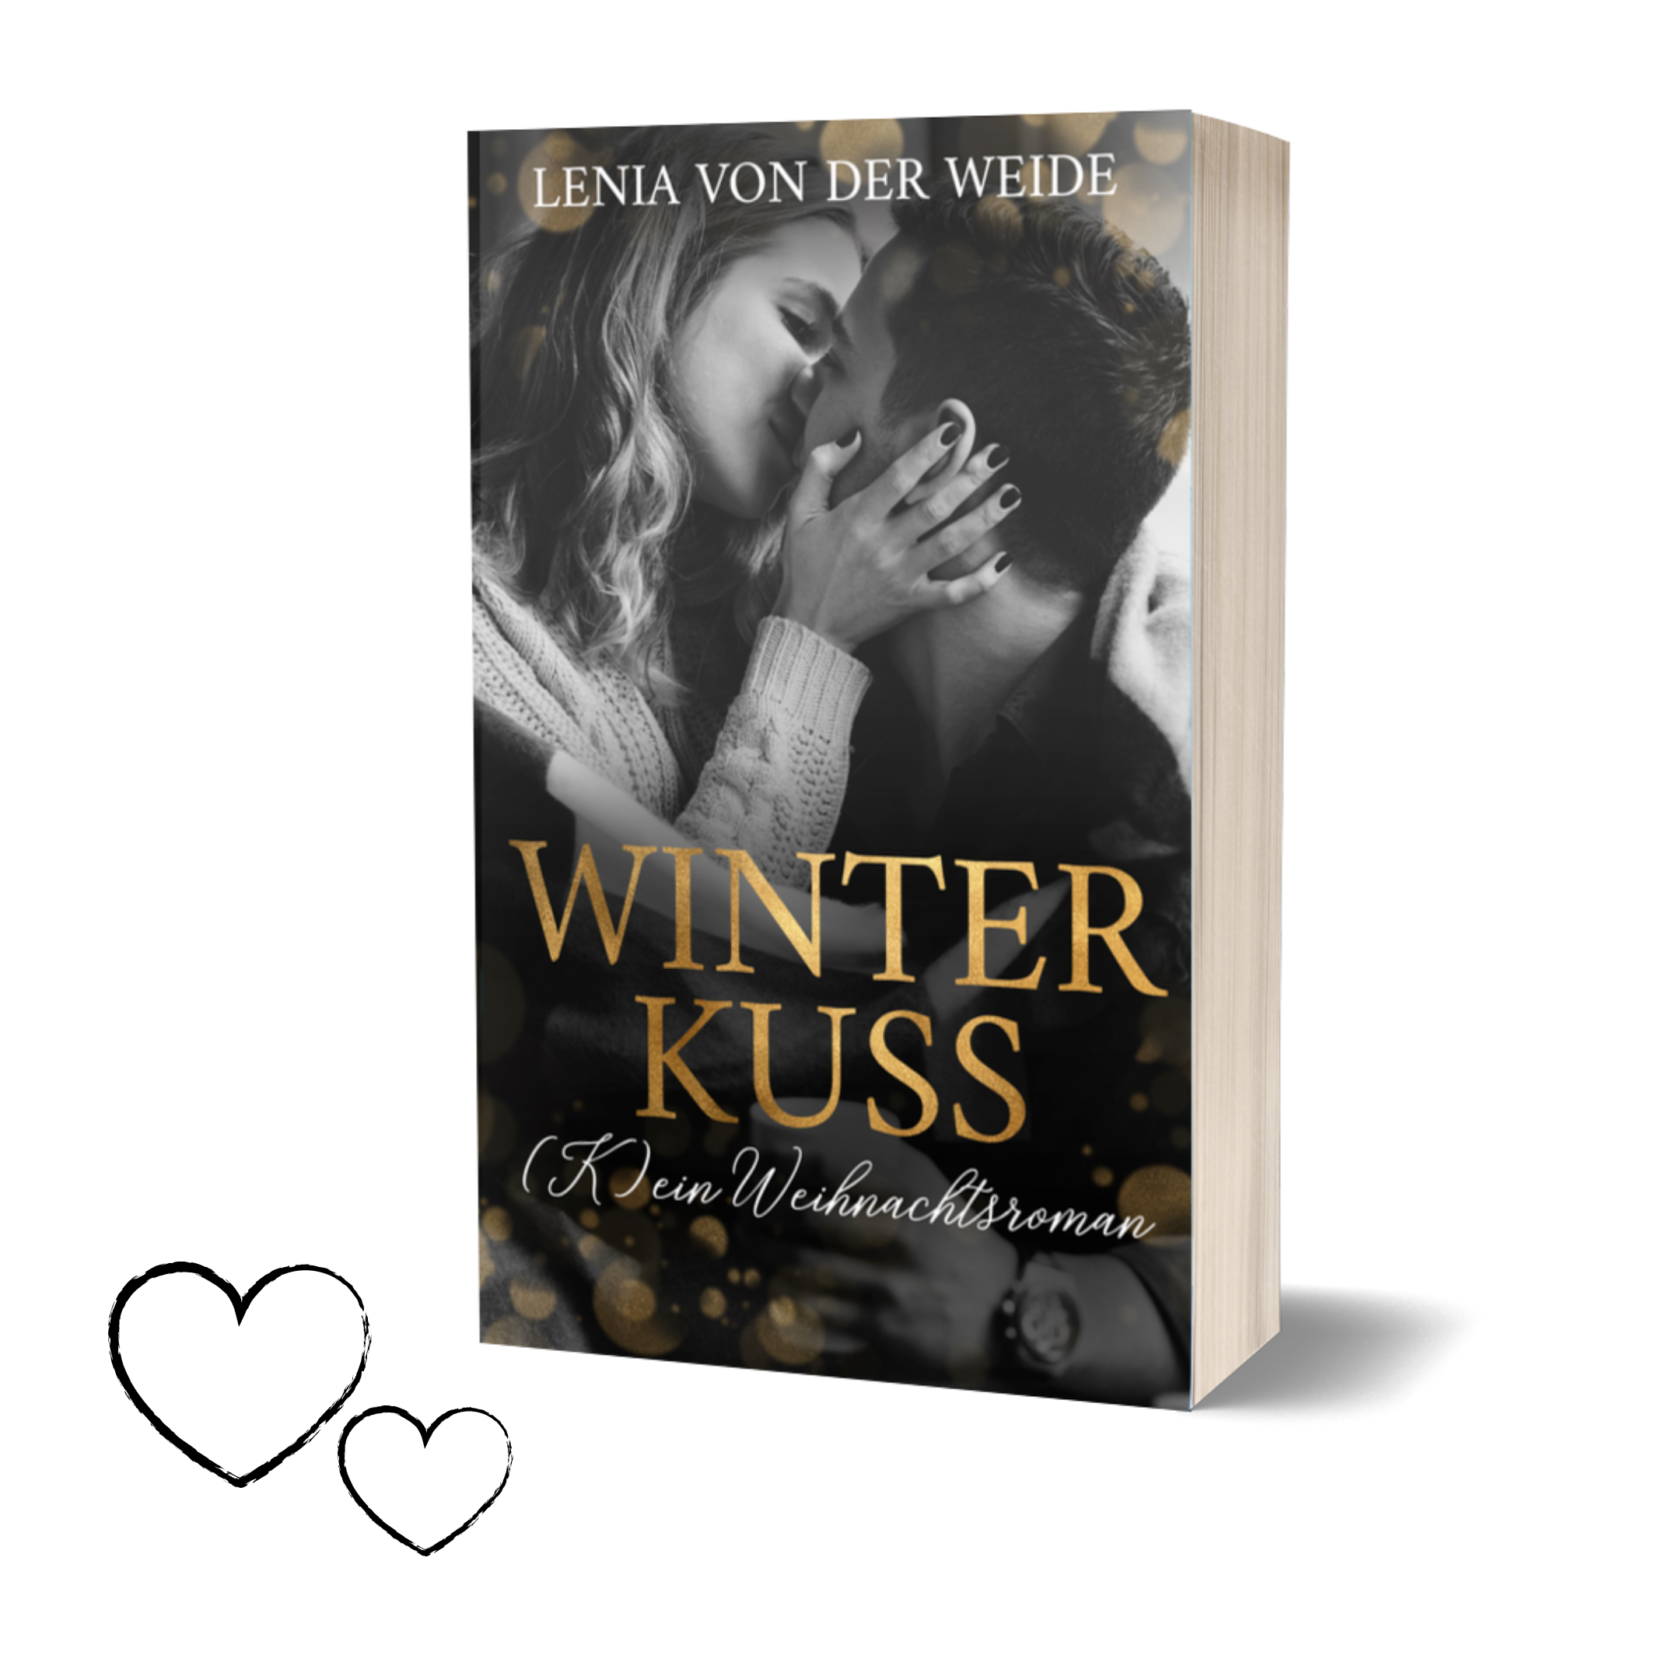 Winter Kuss (K)ein Weihnachtsroman – Lenia von der Weide